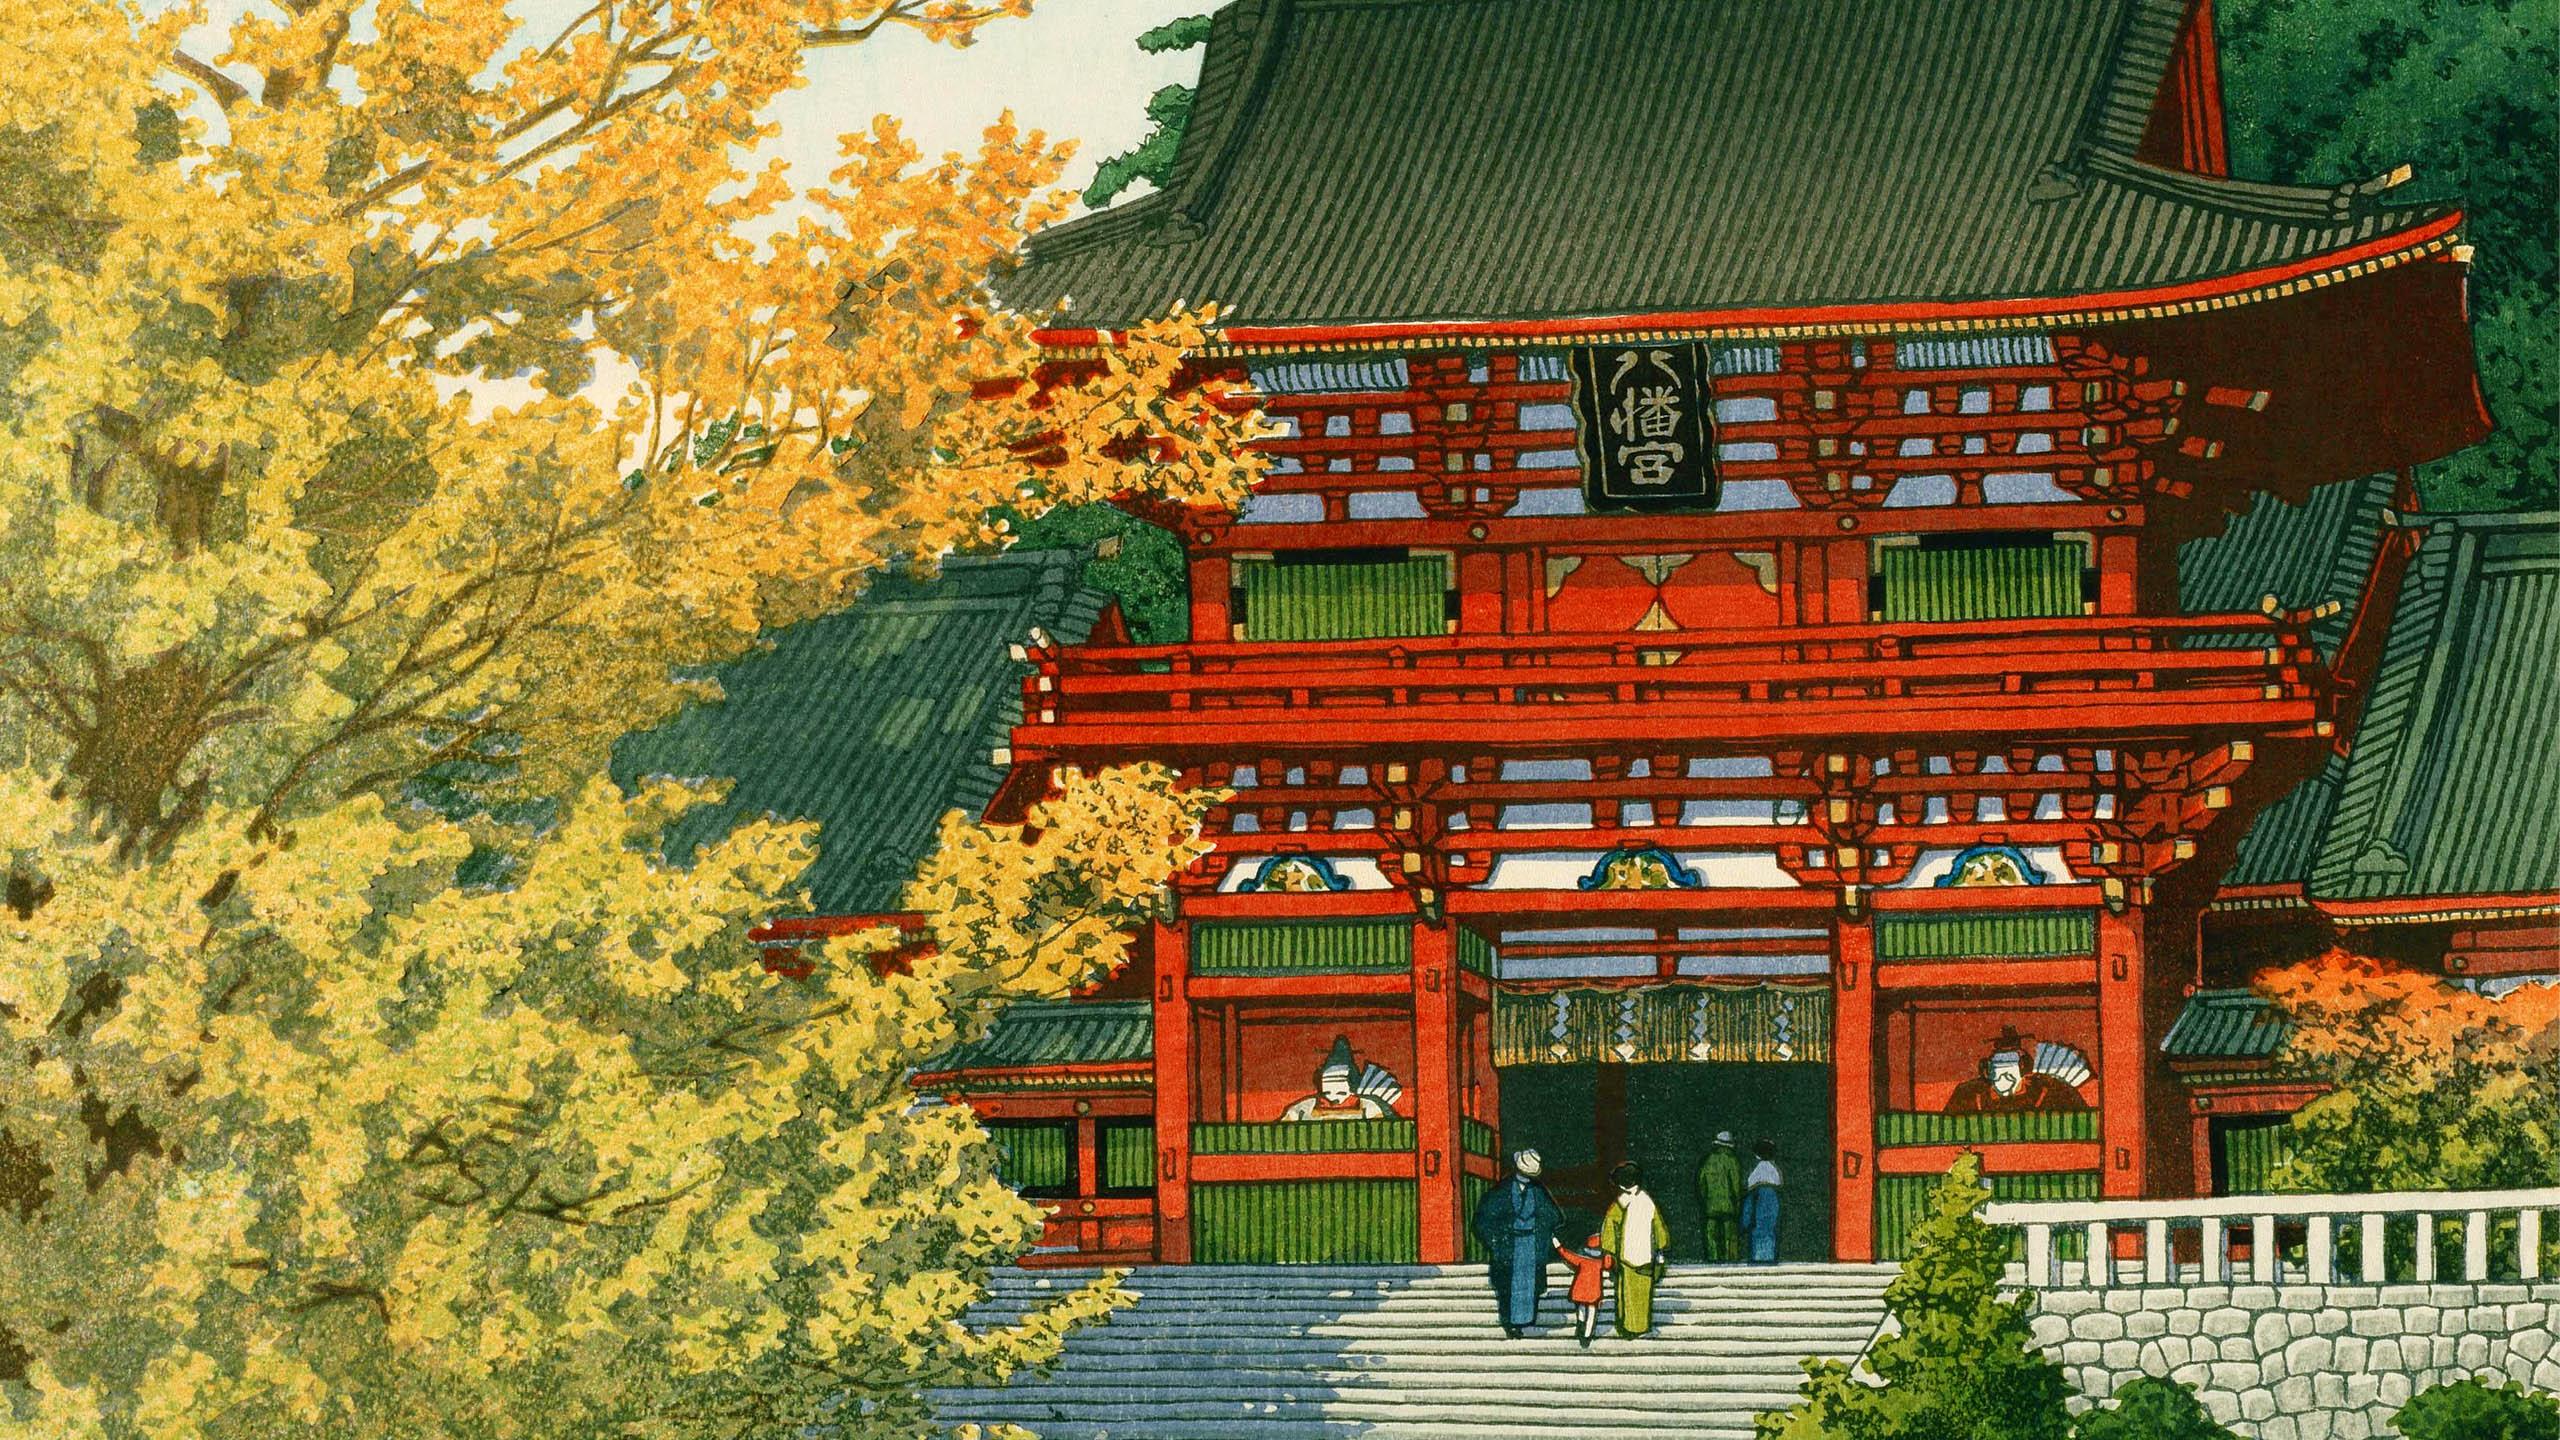 Kawase Hasui - Tsuruoka hachimangu 2560x1440